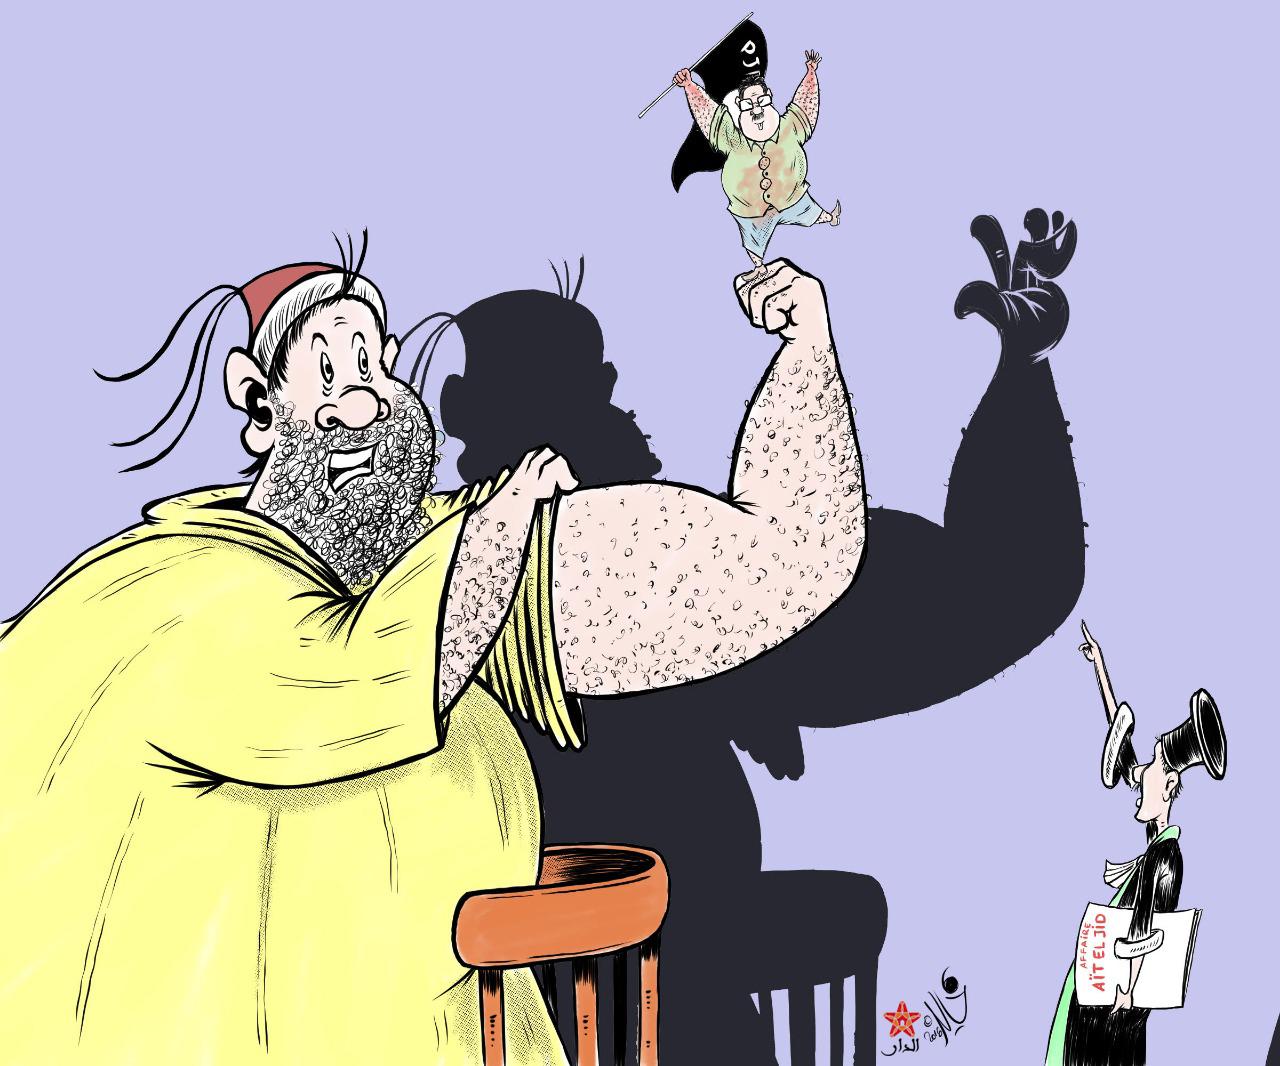 صورة الجماعة واستقواء حامي الدين